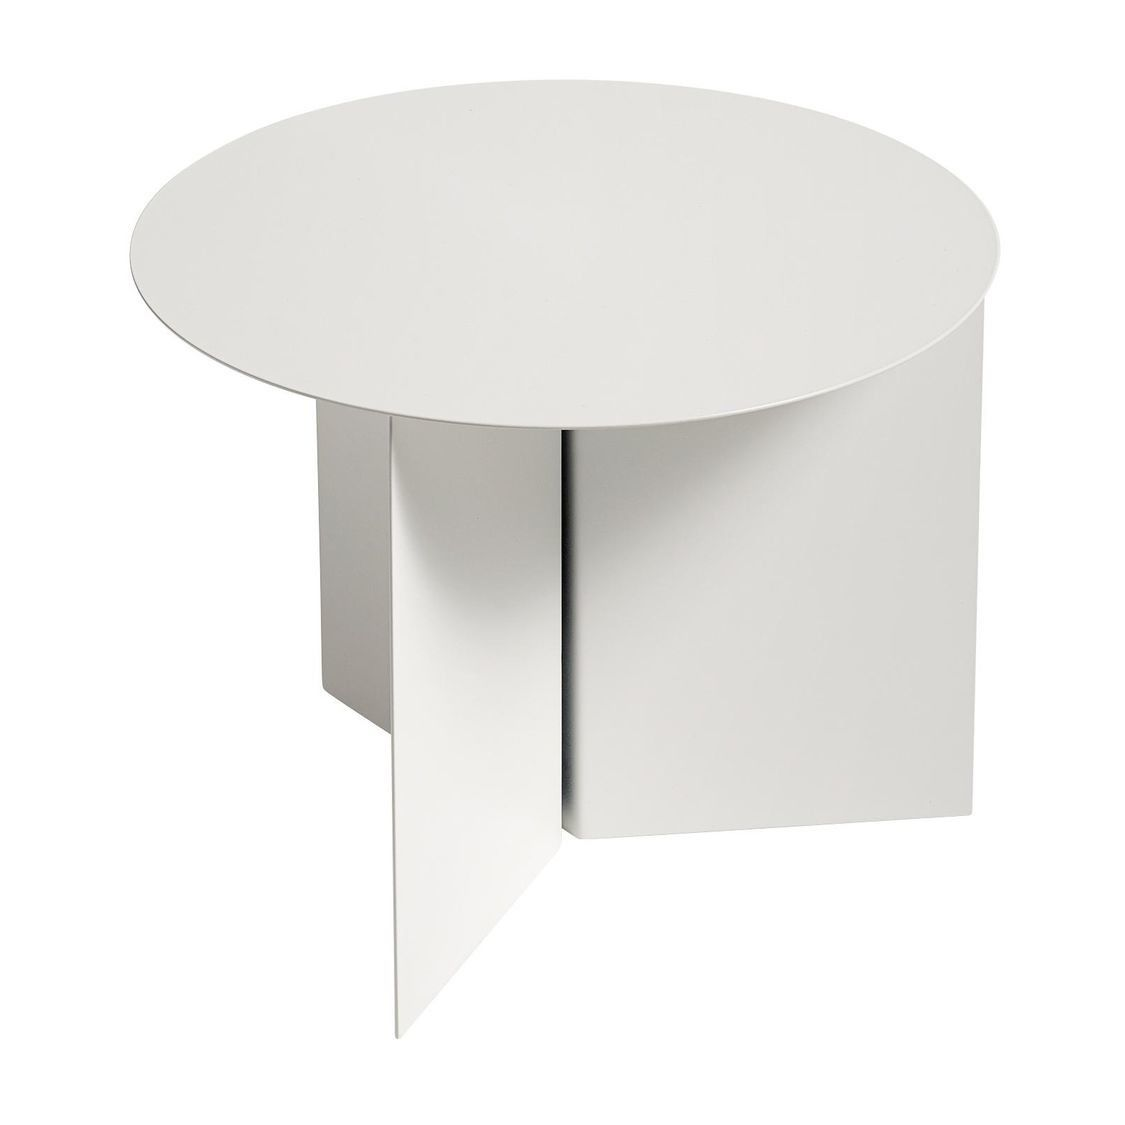 Beistelltisch Hay slit table beistelltisch hay ambientedirect com